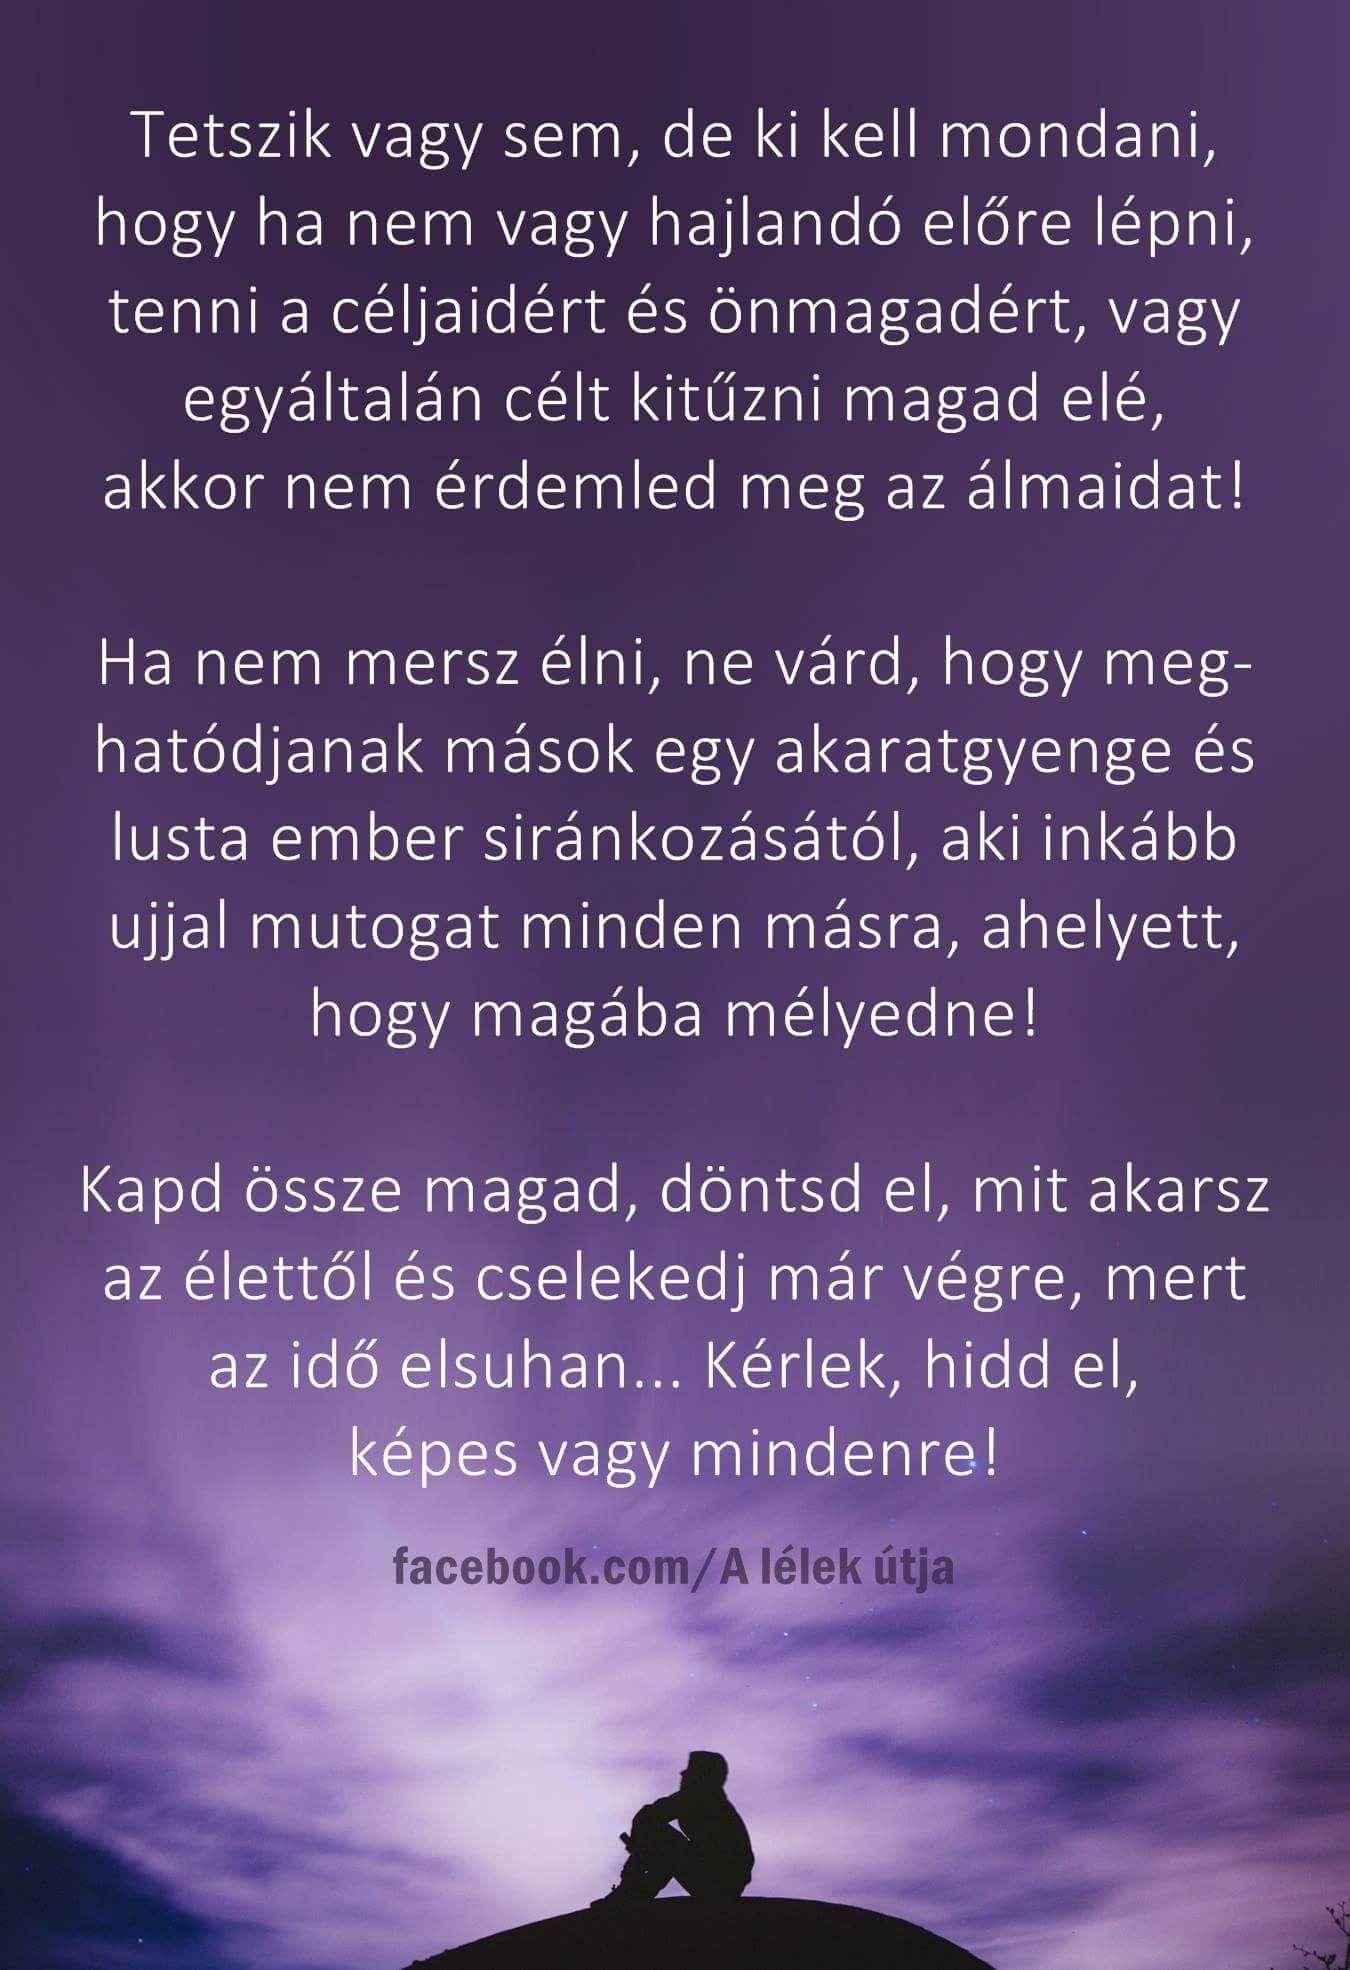 tetszik idézetek Tetszik vagy sem♡   Affirmation quotes, Hungarian quotes